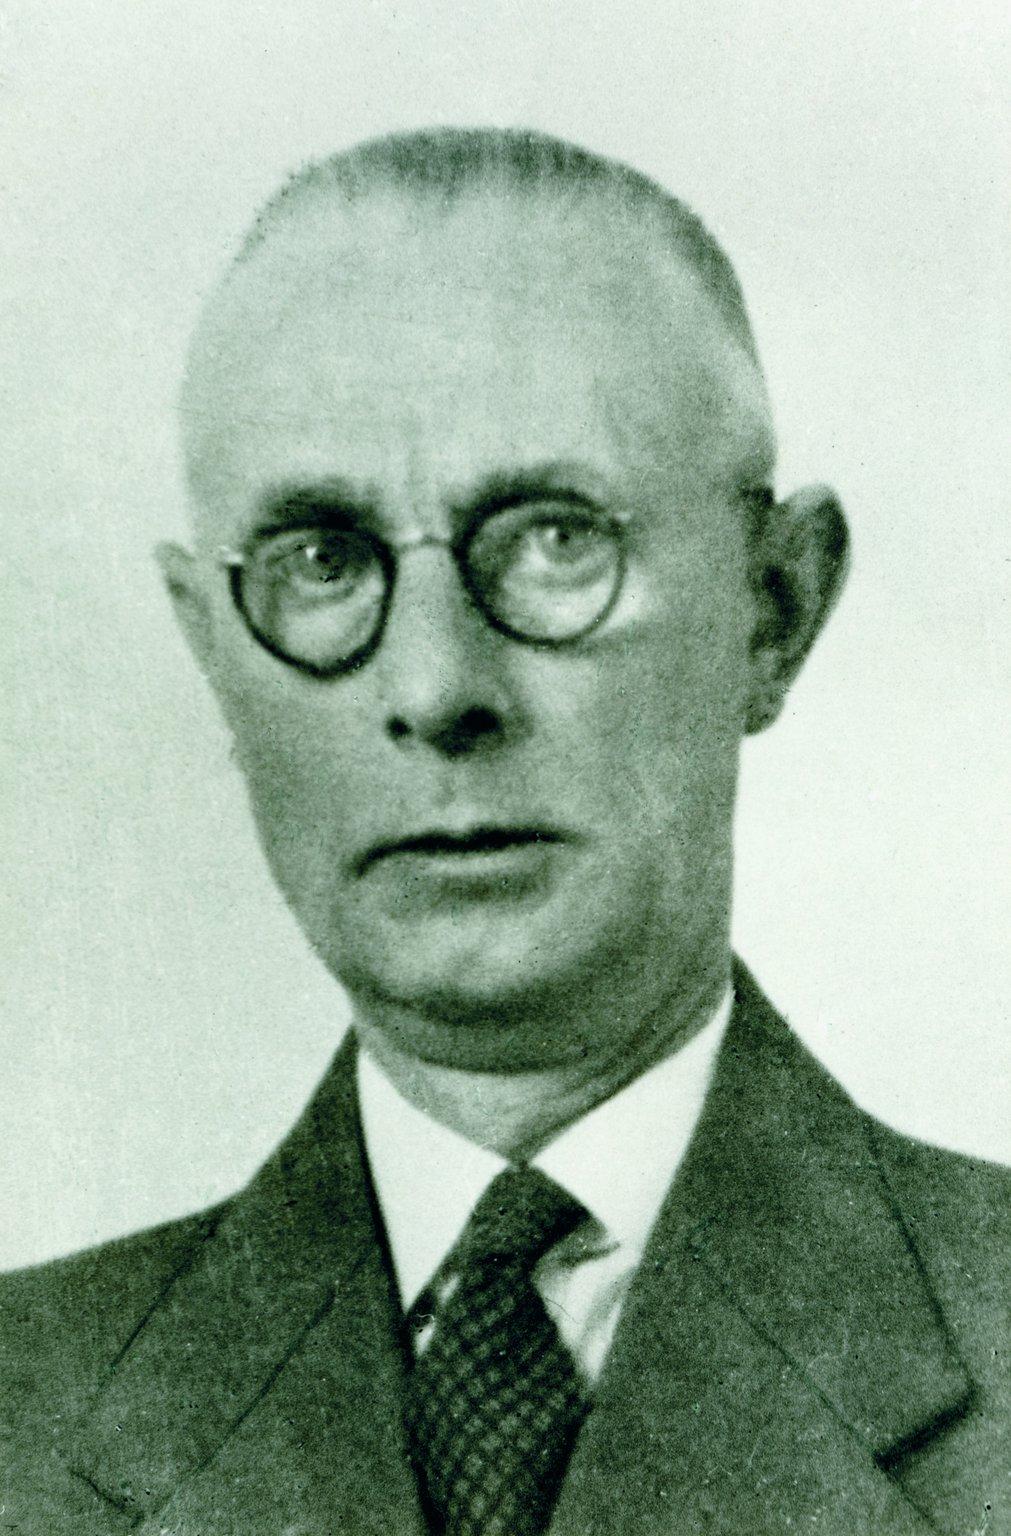 Johannes Kleiman, around 1950.